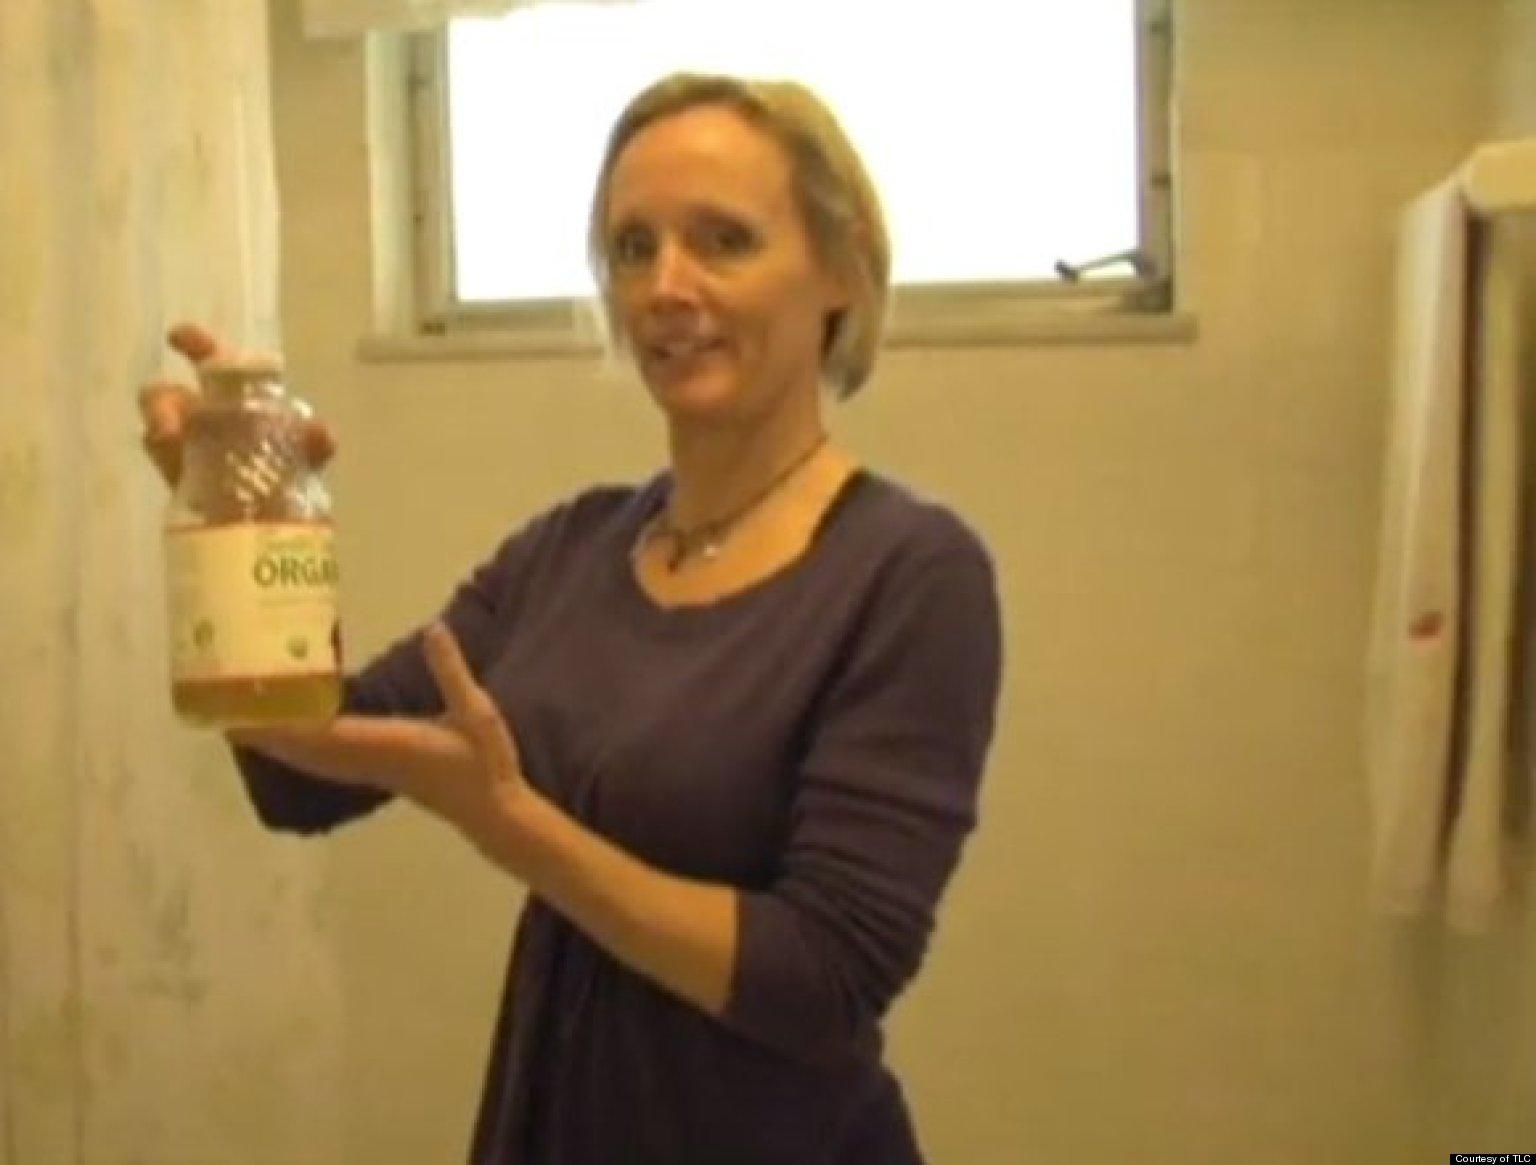 Woman peeing in bottle